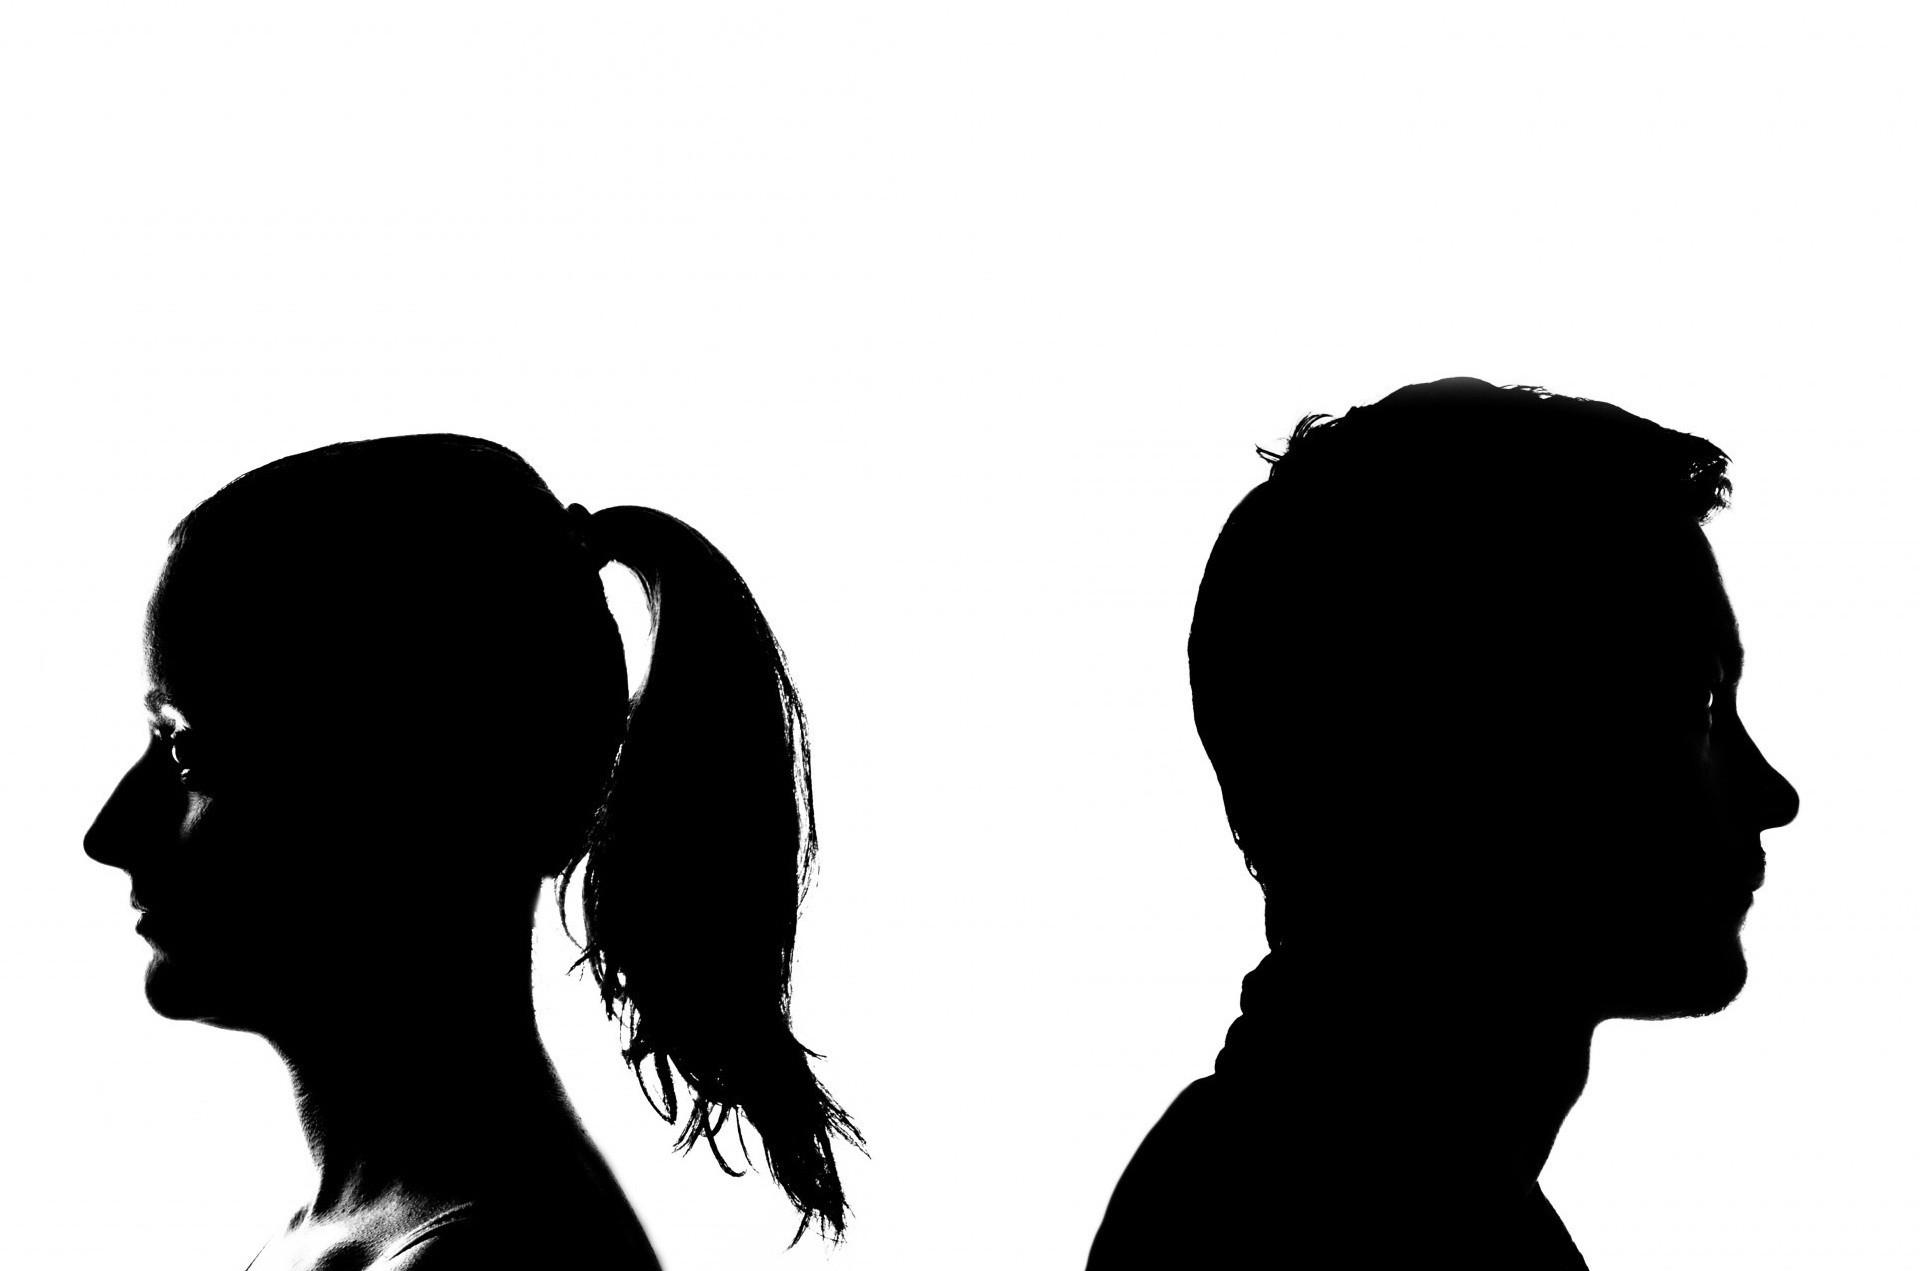 协议离婚都需要拿什么证件,可以在外地办理协议离婚吗?